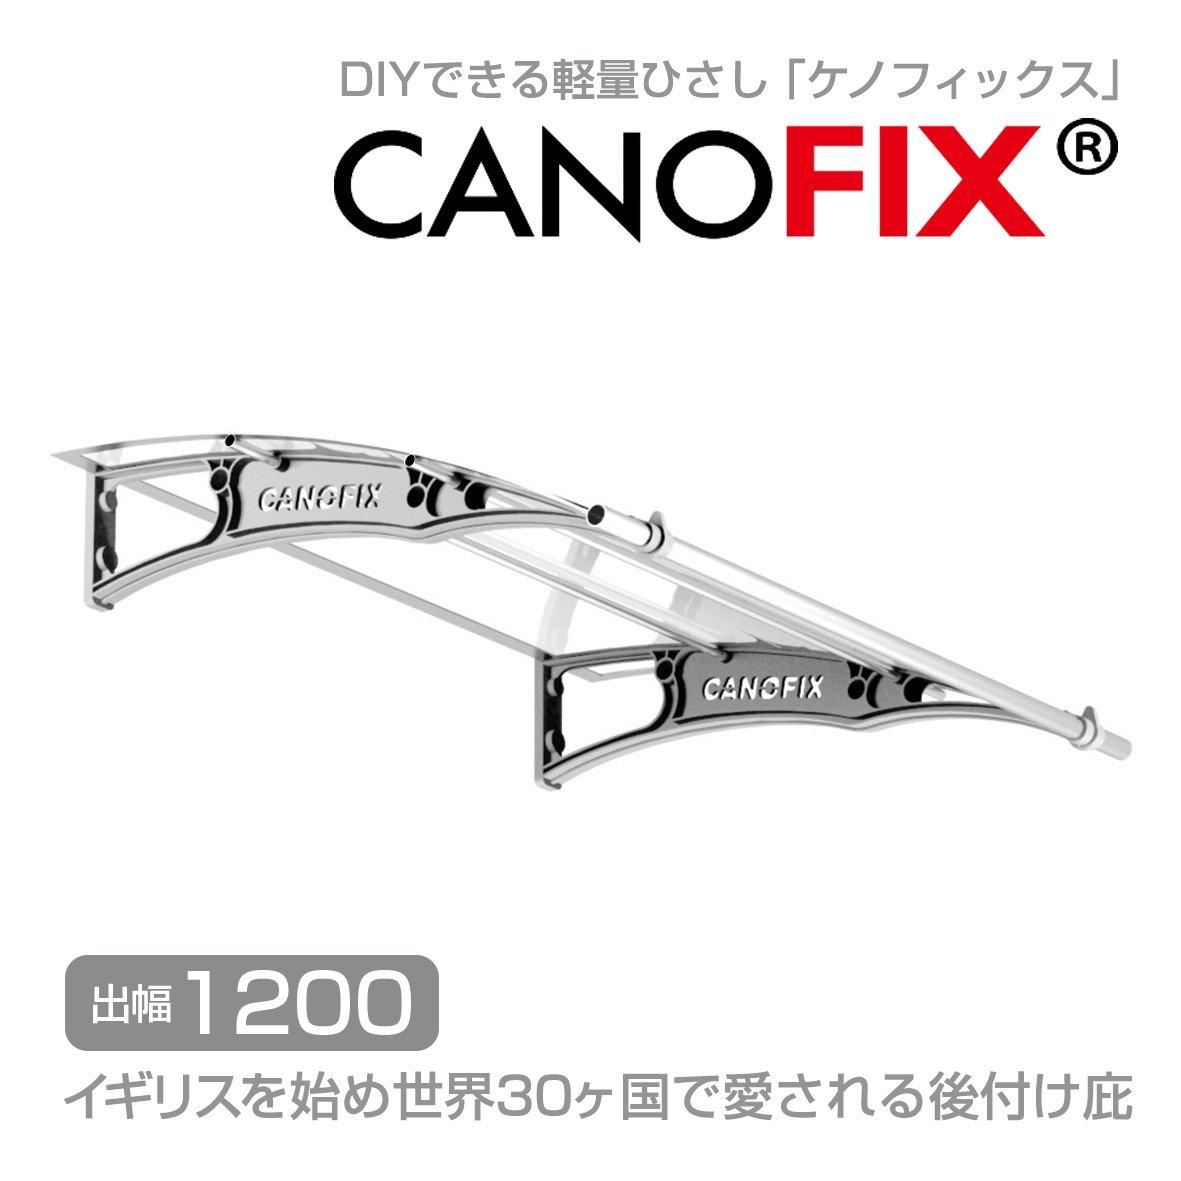 【日本総輸入元】DIY可能な後付けひさし ケノフィックス(CANOFIX) D1200 W1000/シート:グリン/ブラケット:ブラック B079HM3NXT 1000mm|ブラケット:ブラックシート:グリン ブラケット:ブラックシート:グリン 1000mm